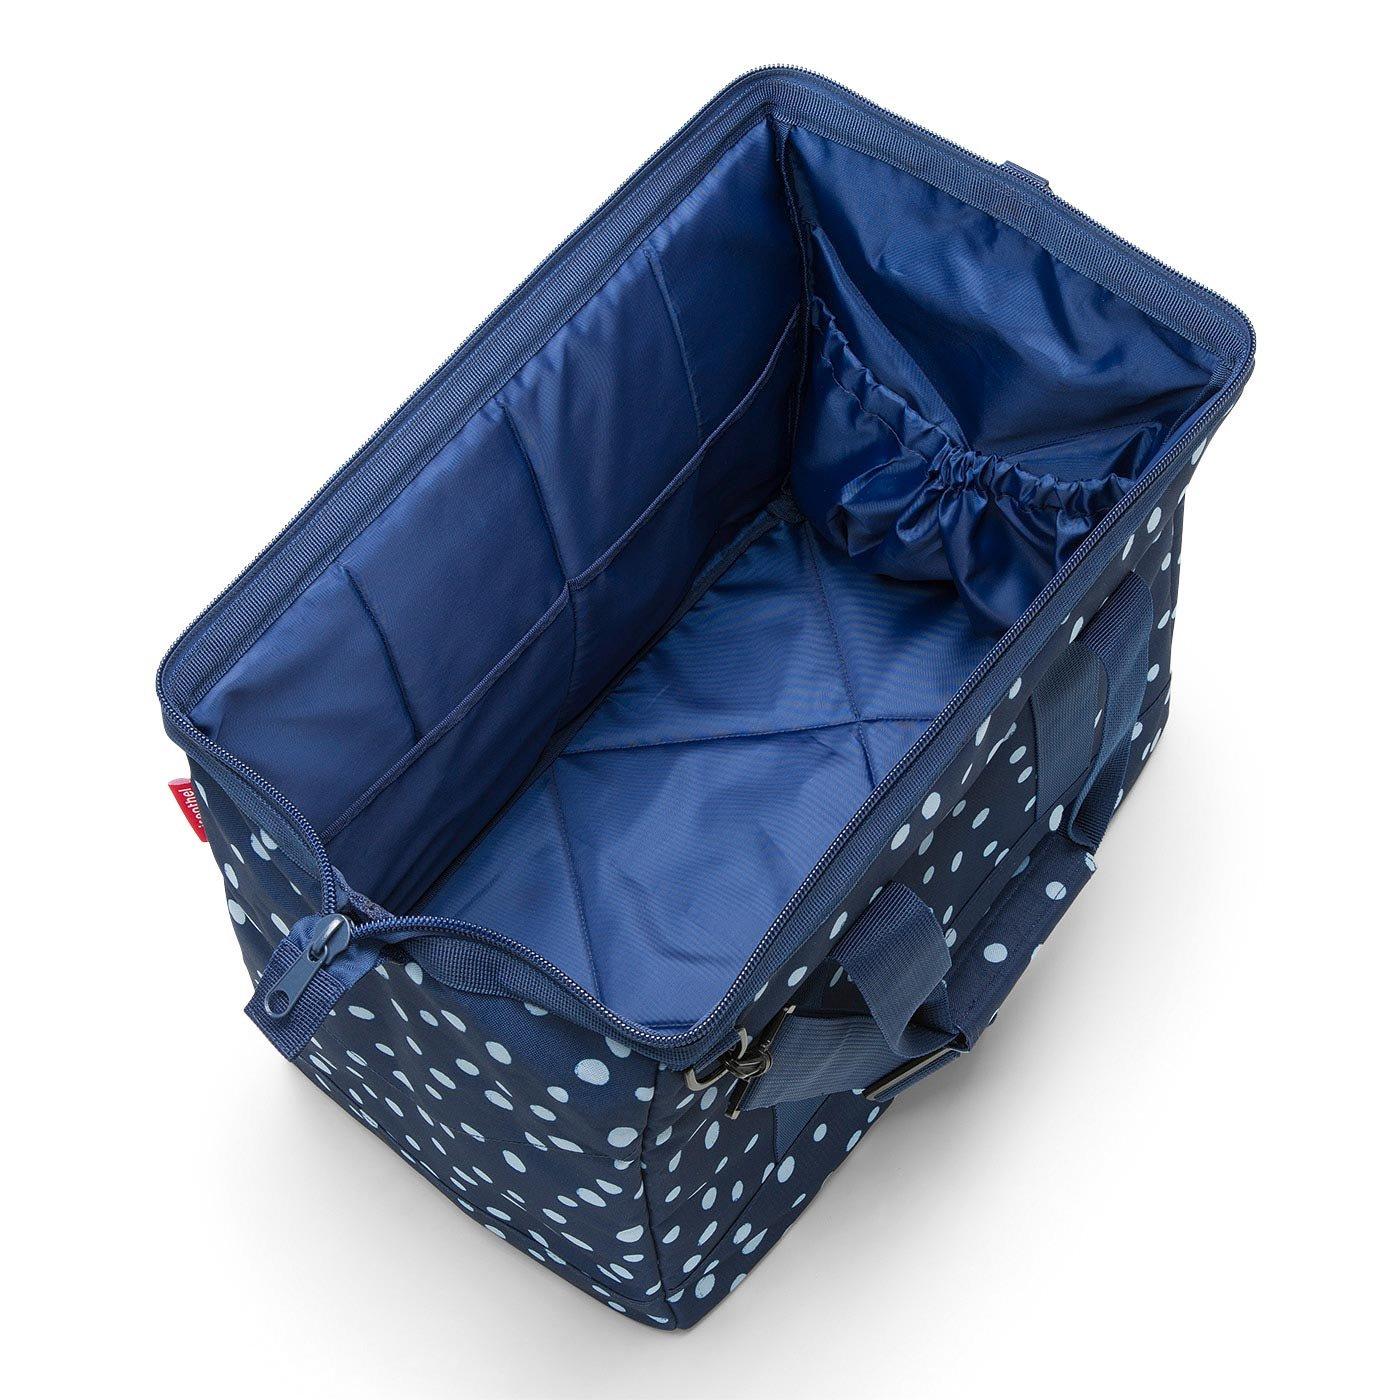 Reisetasche Reisenthel